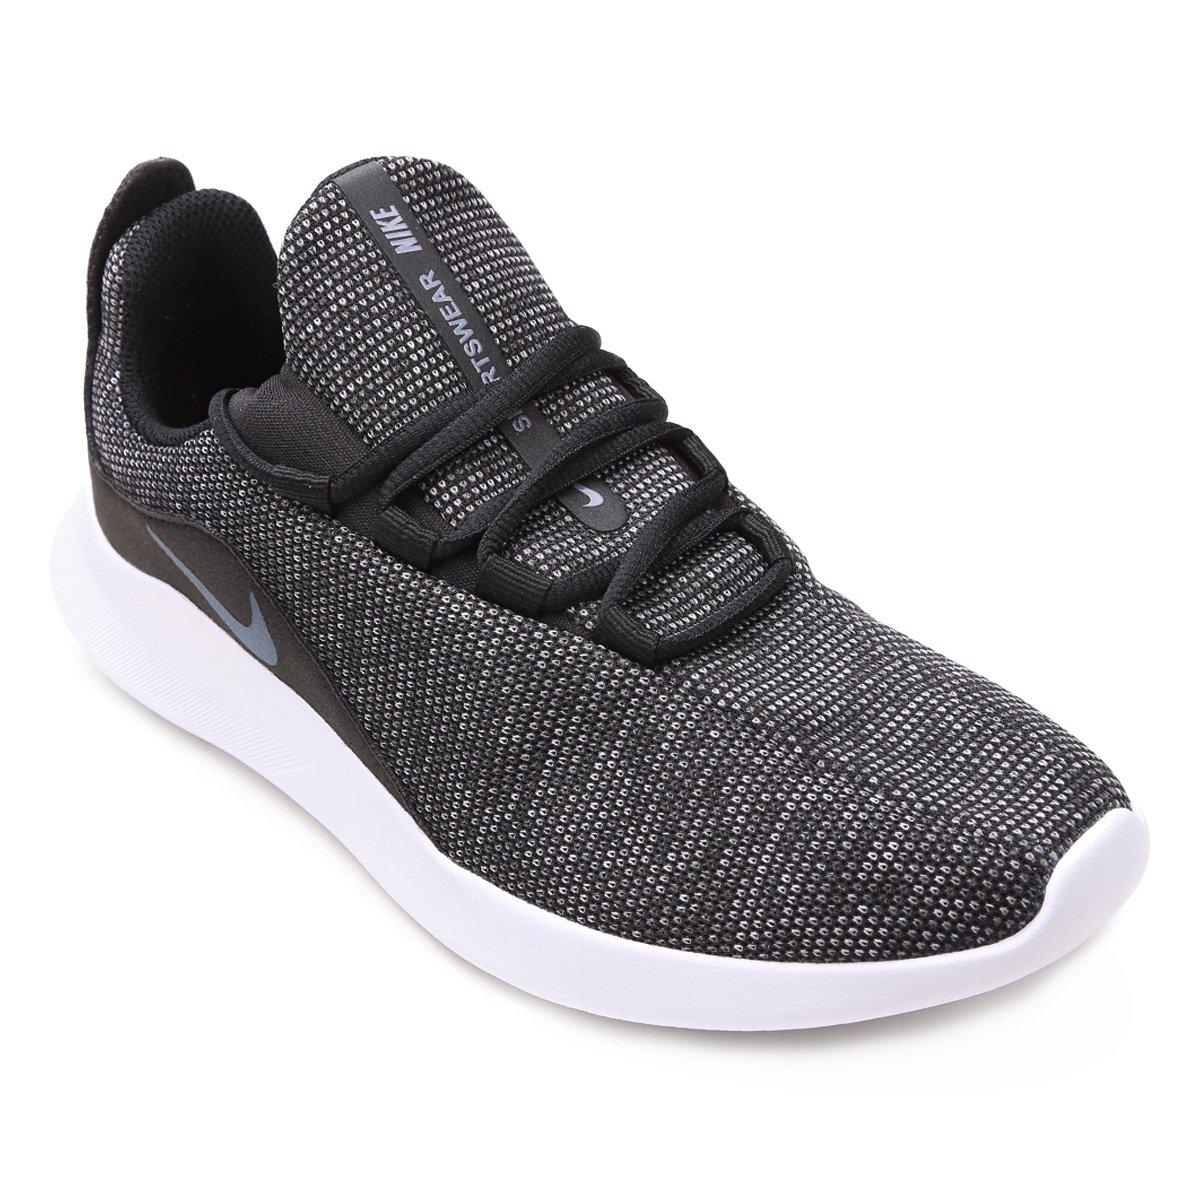 5a7ceb886 Tênis Nike Wmns Viale Prem Feminino - Preto e Azul - Compre Agora ...